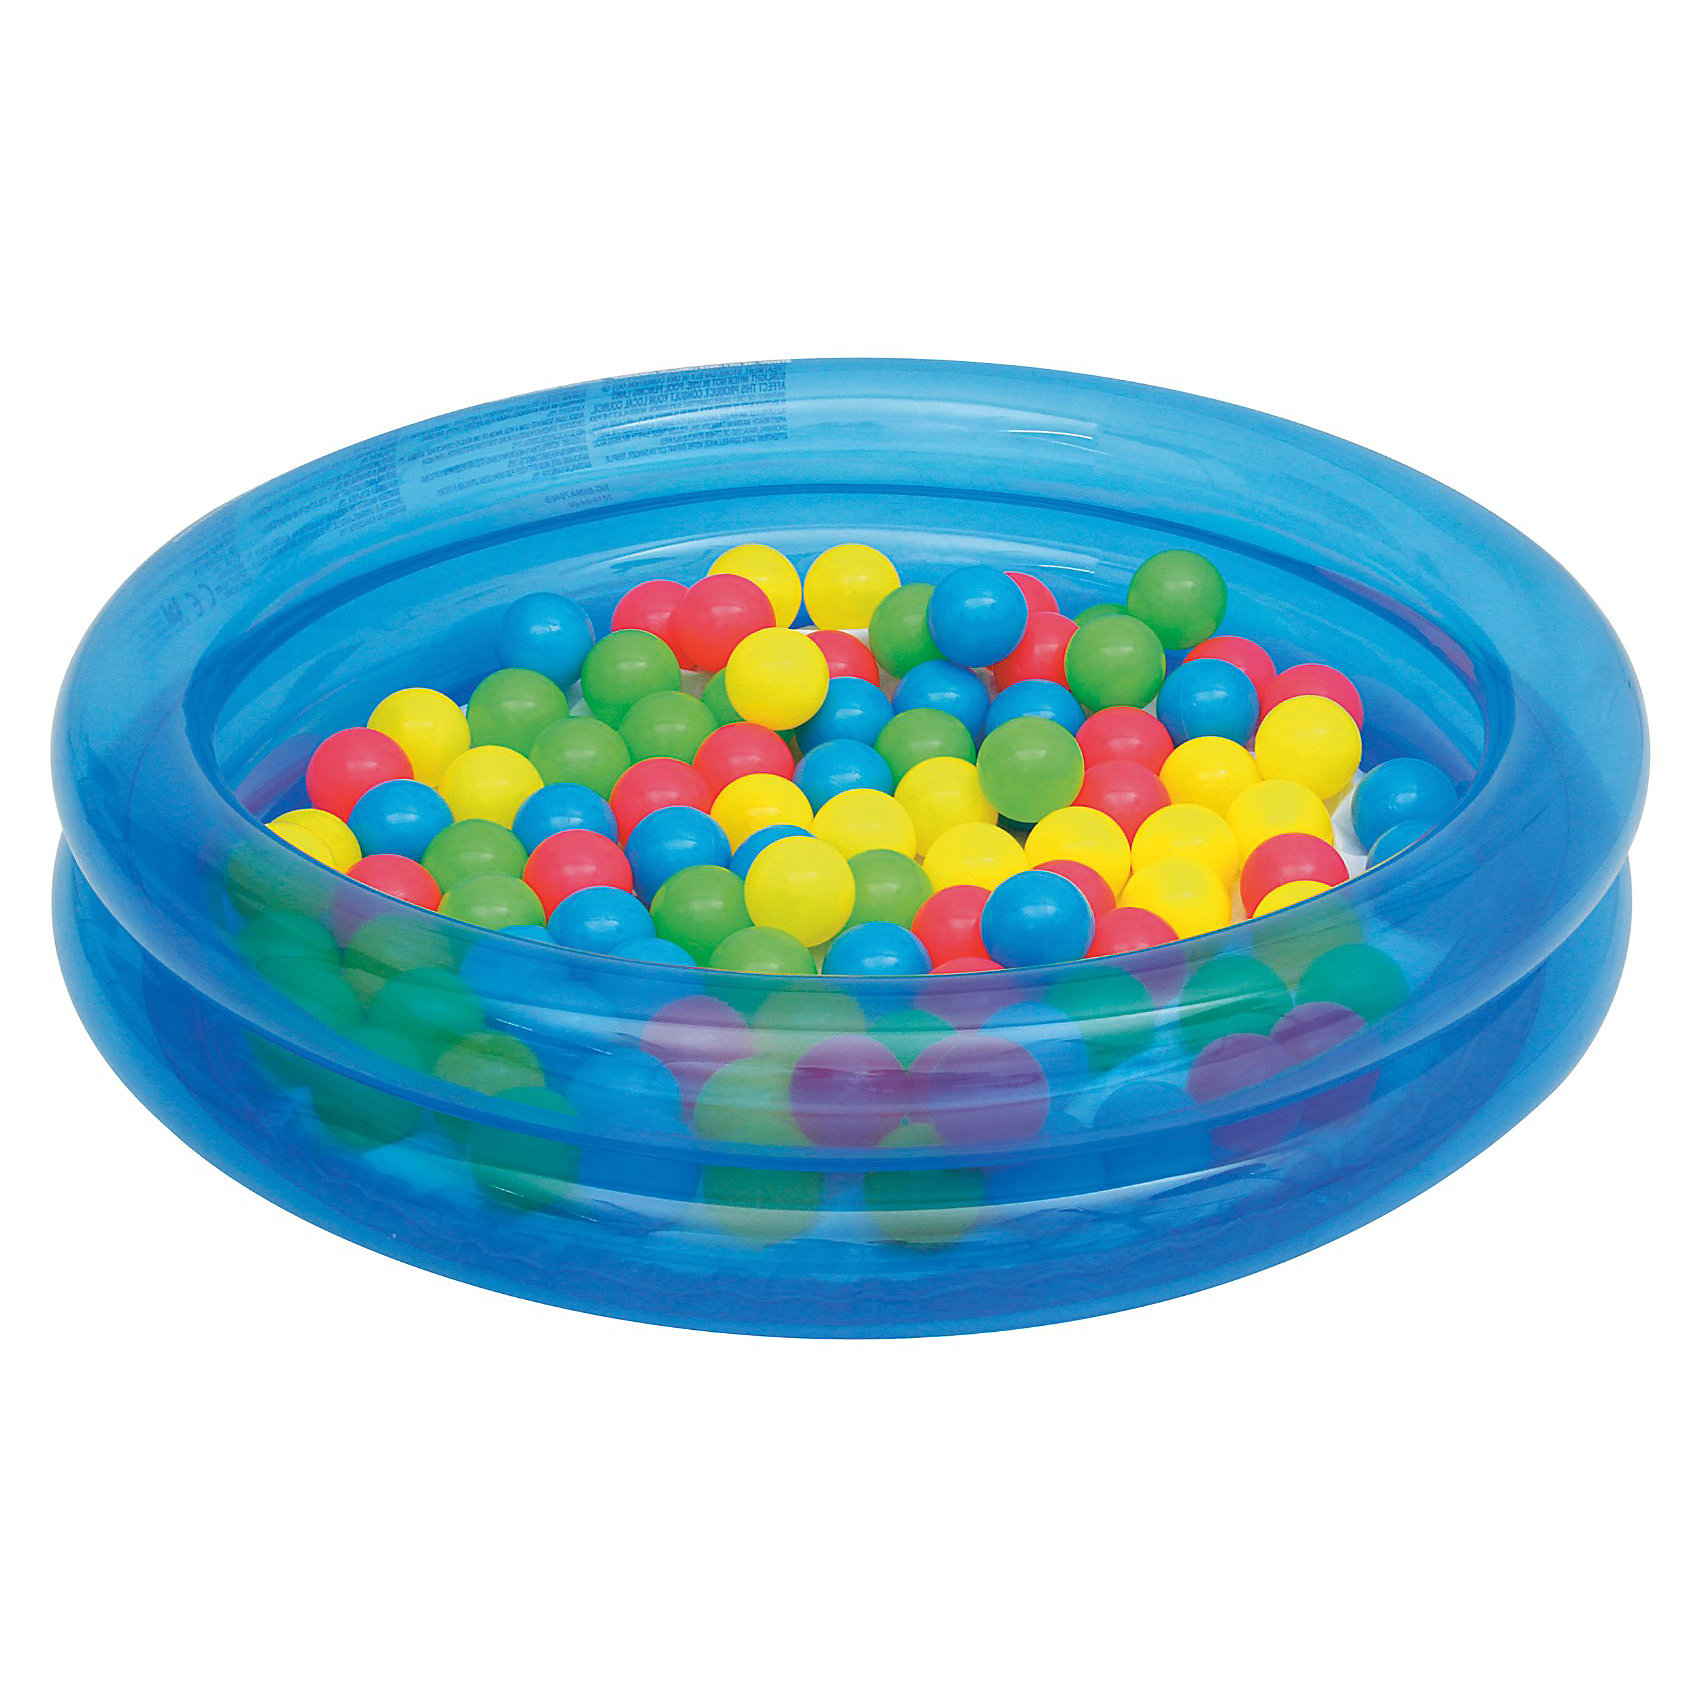 Bestway Детский надувной бассейн с 50 шариками для игры, Bestway